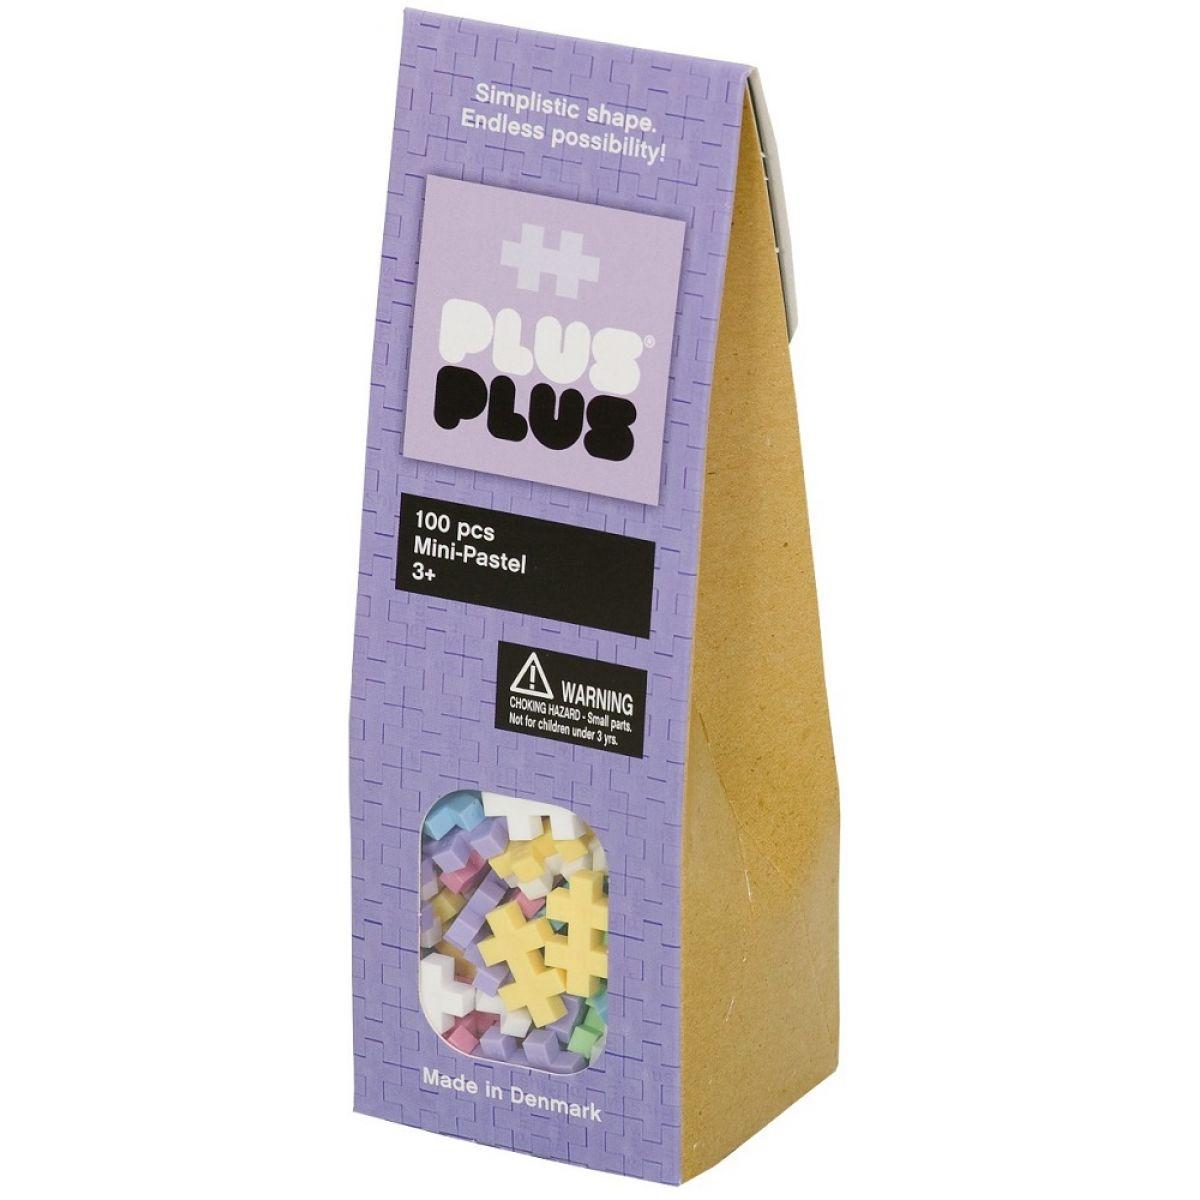 Plus Plus Mini Pastel 100